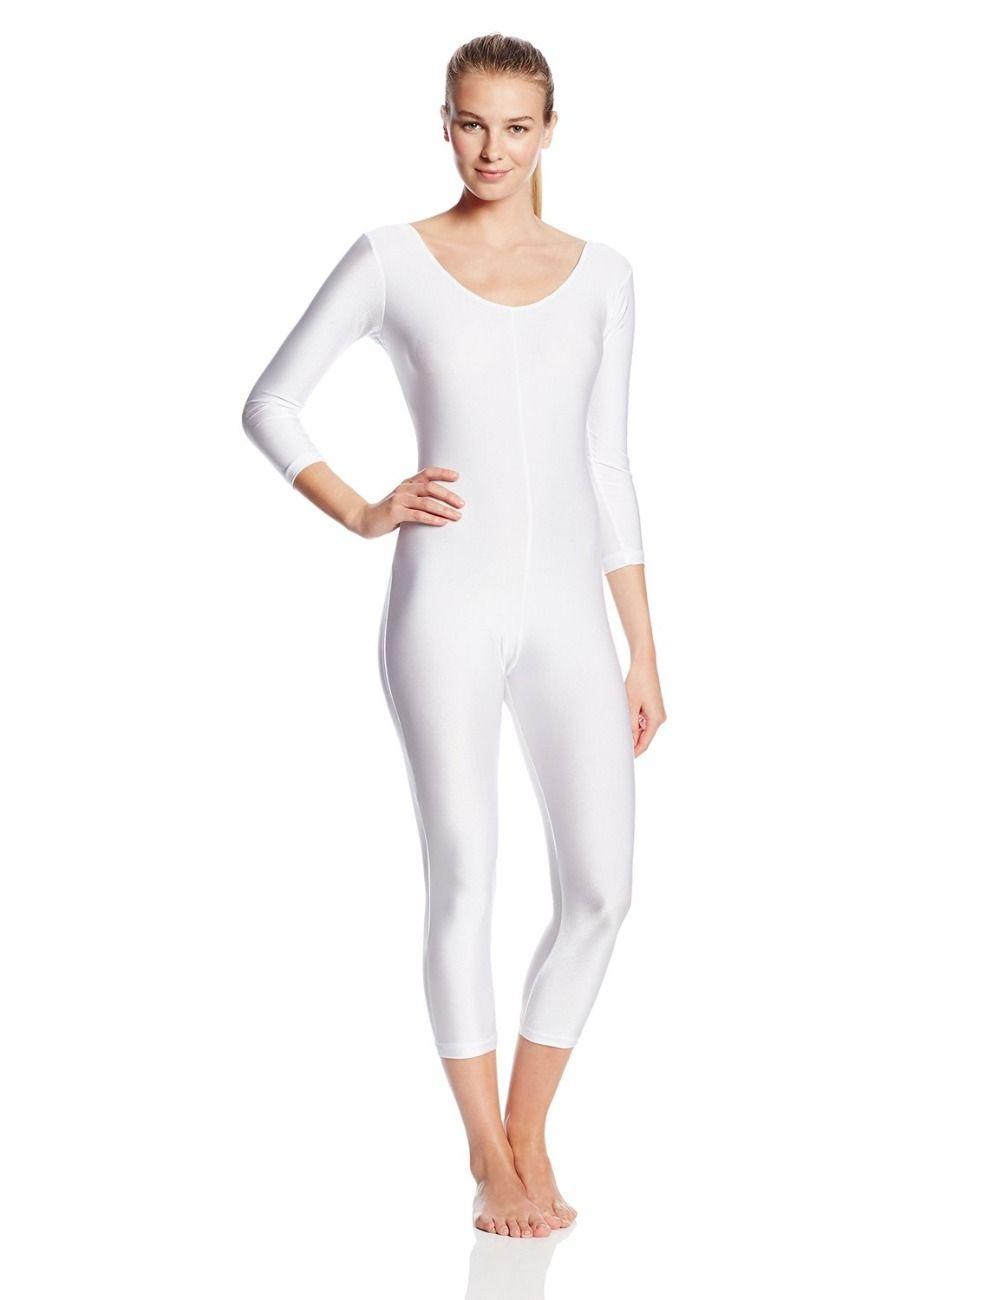 32430b4f8 Ensnovo Women White Lycra Nylon Ballet Unitard Adult Full Body ...